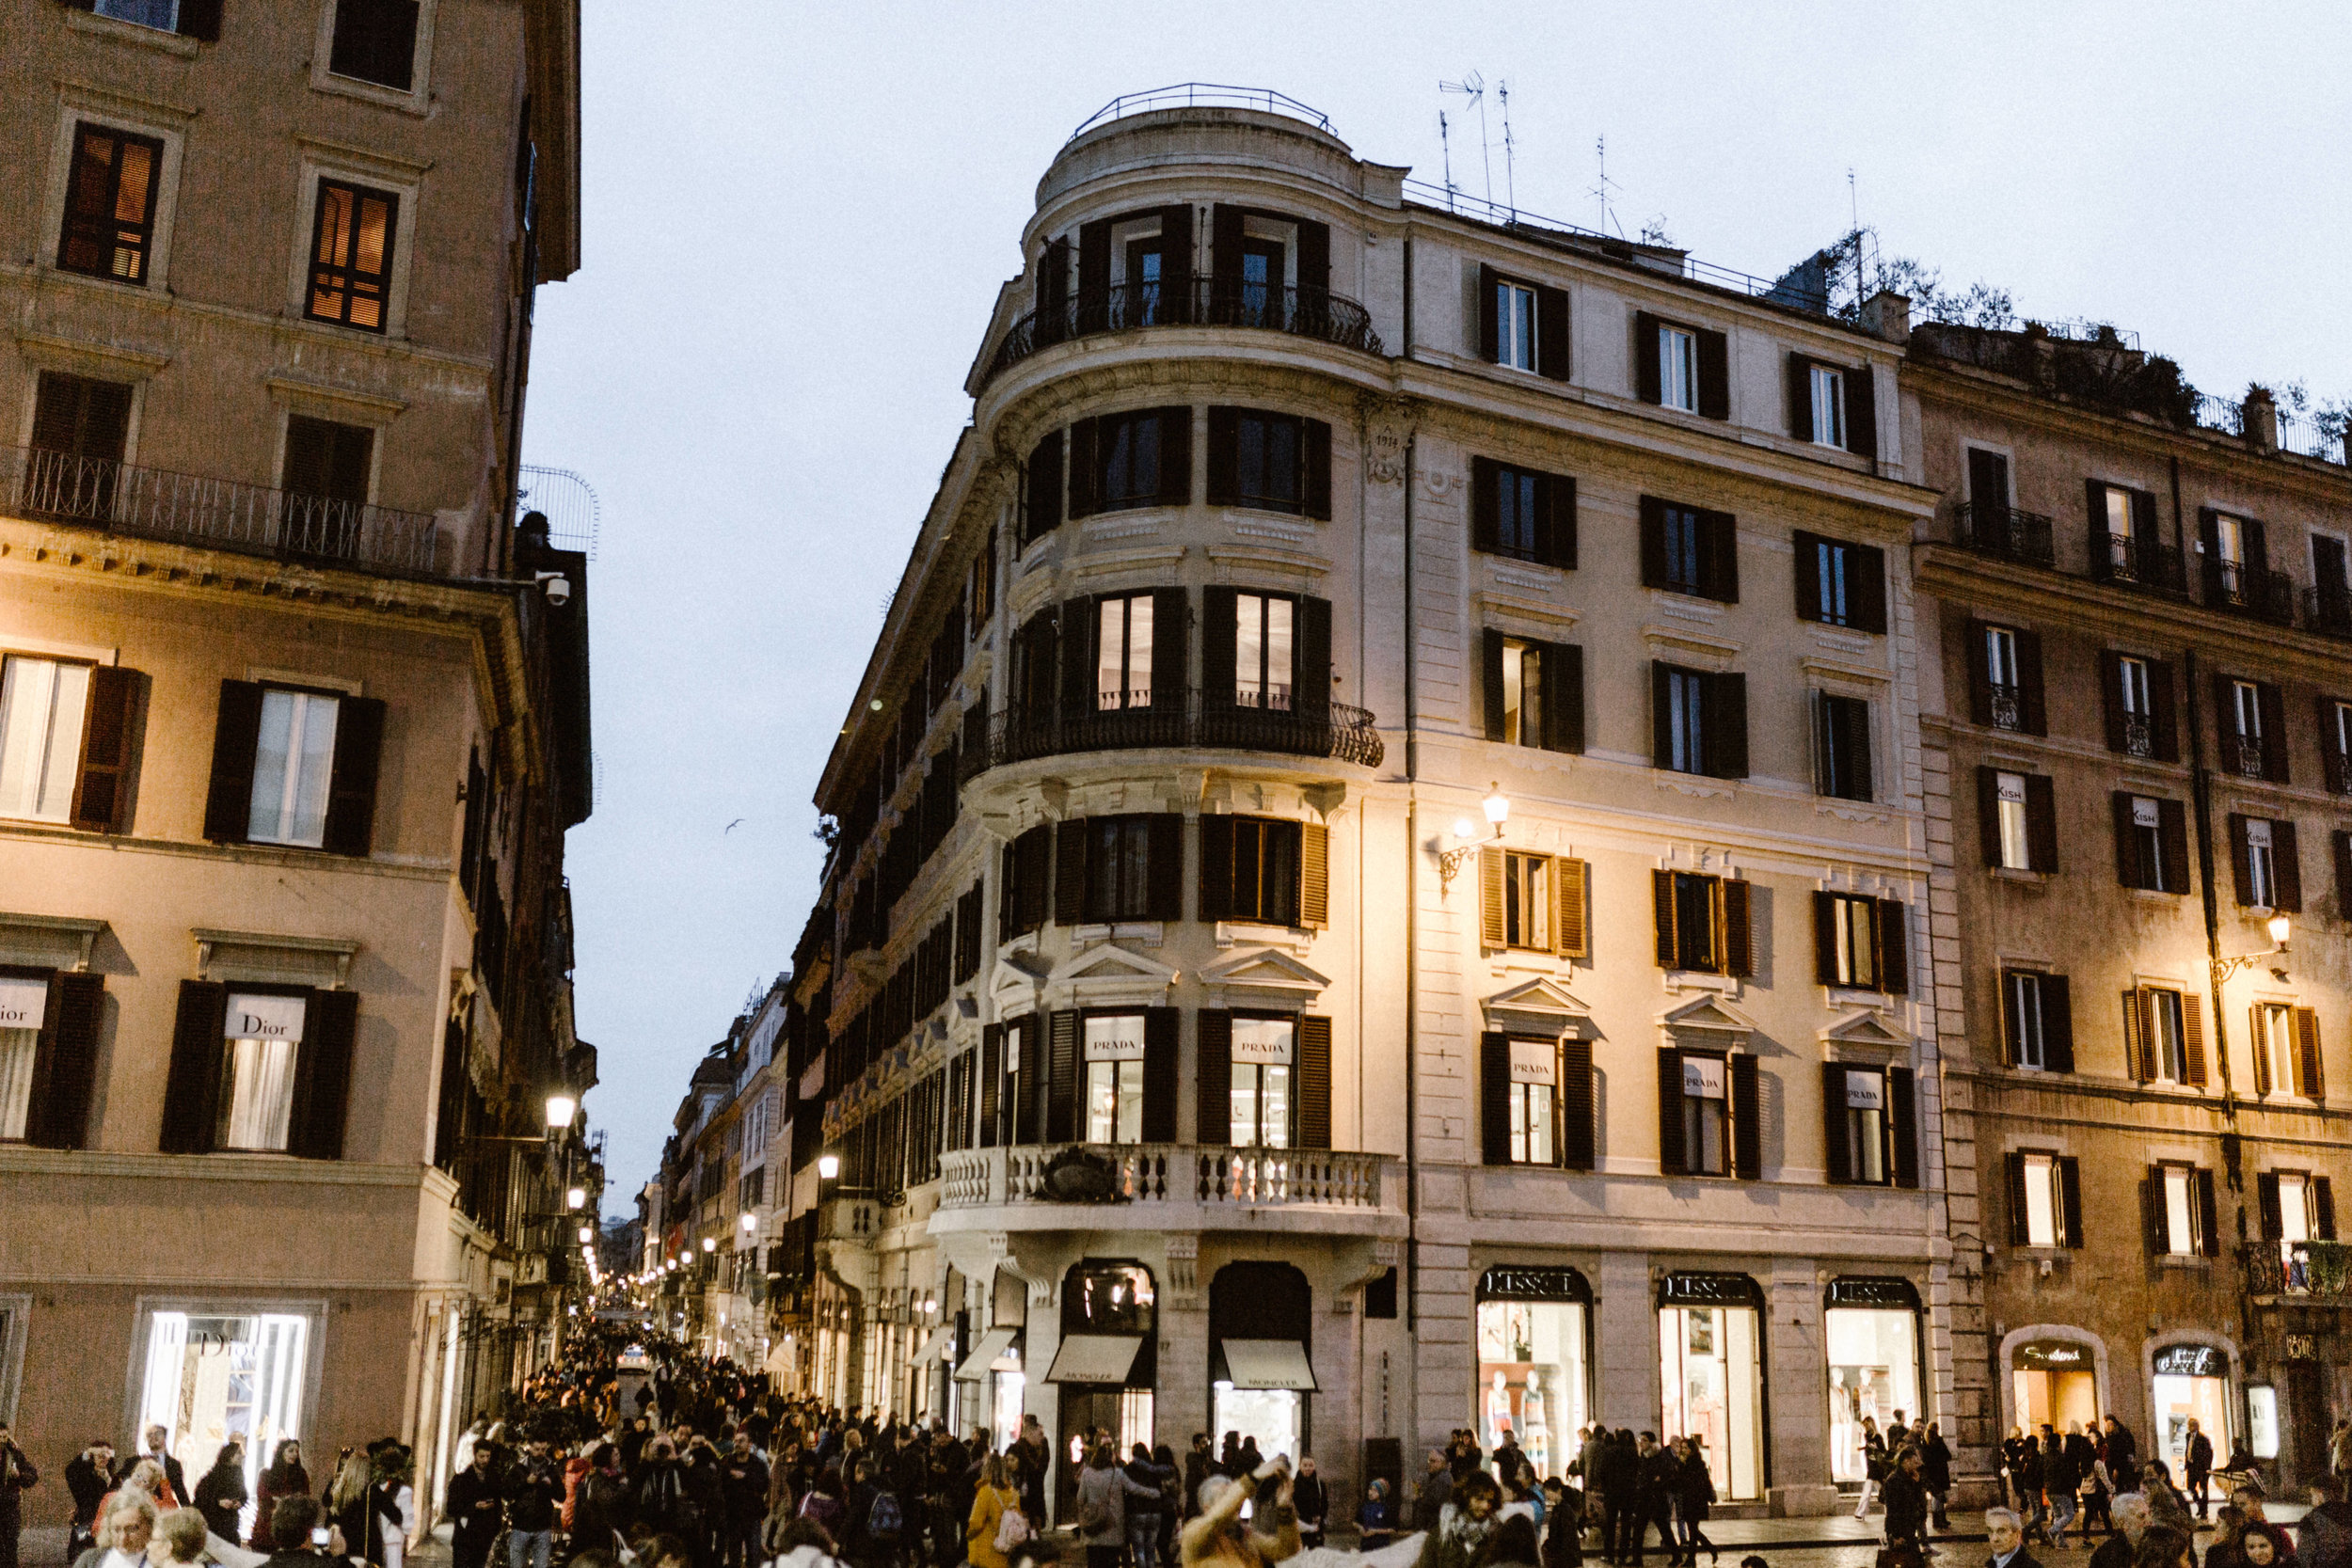 Piazza Di Spagni